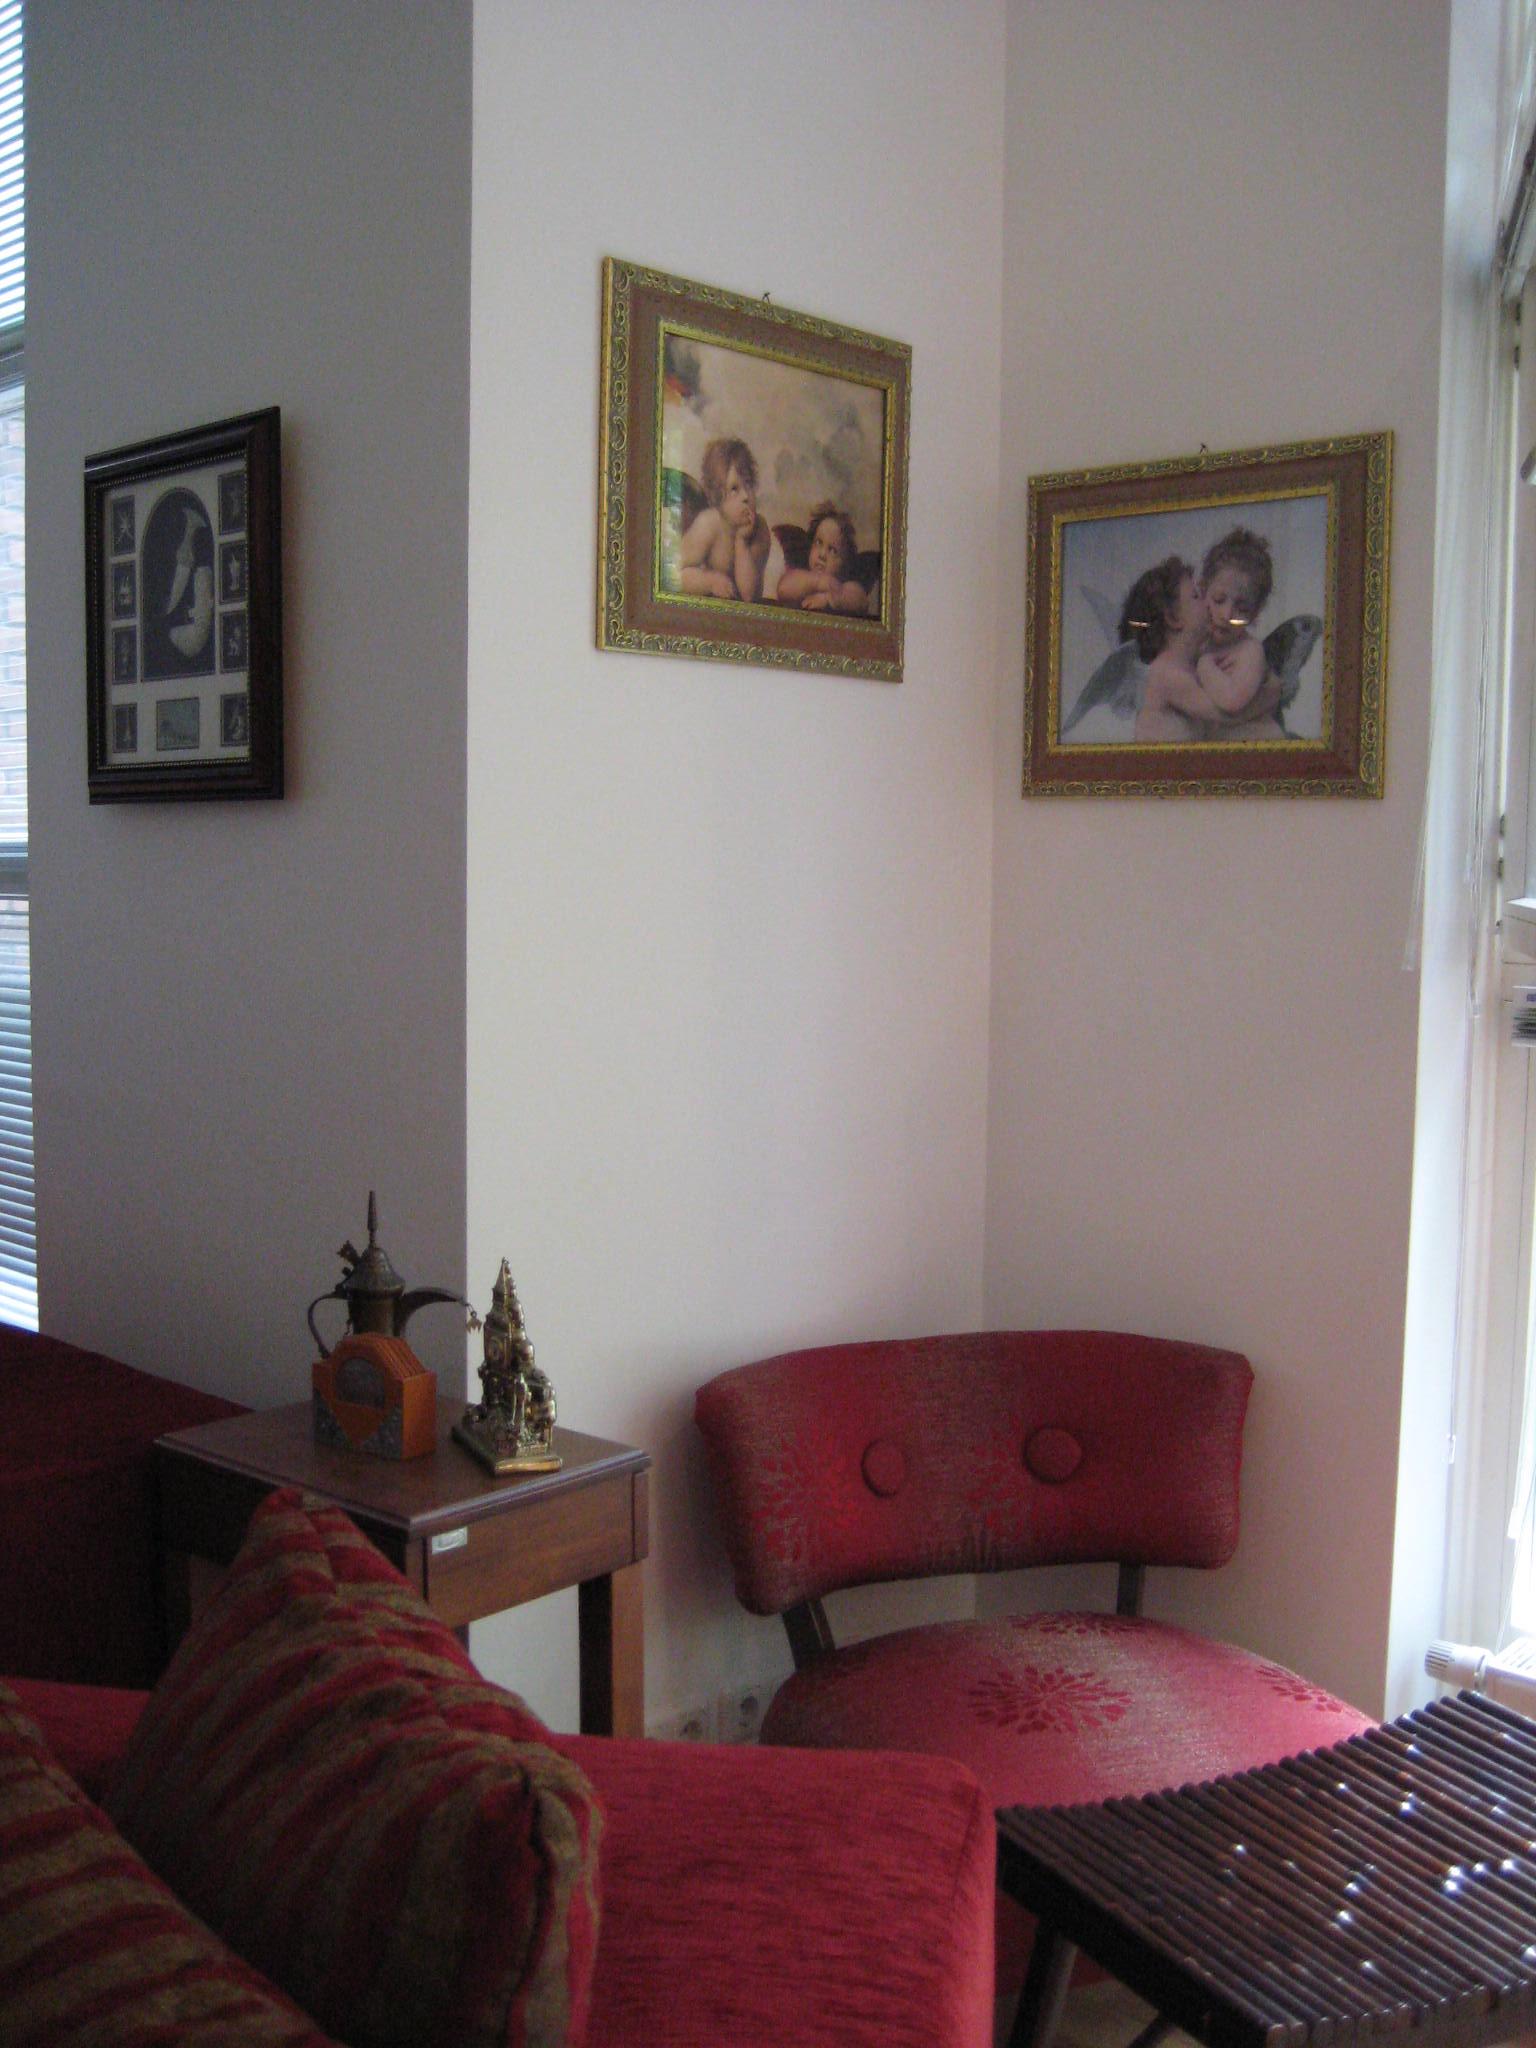 Enida's private corner